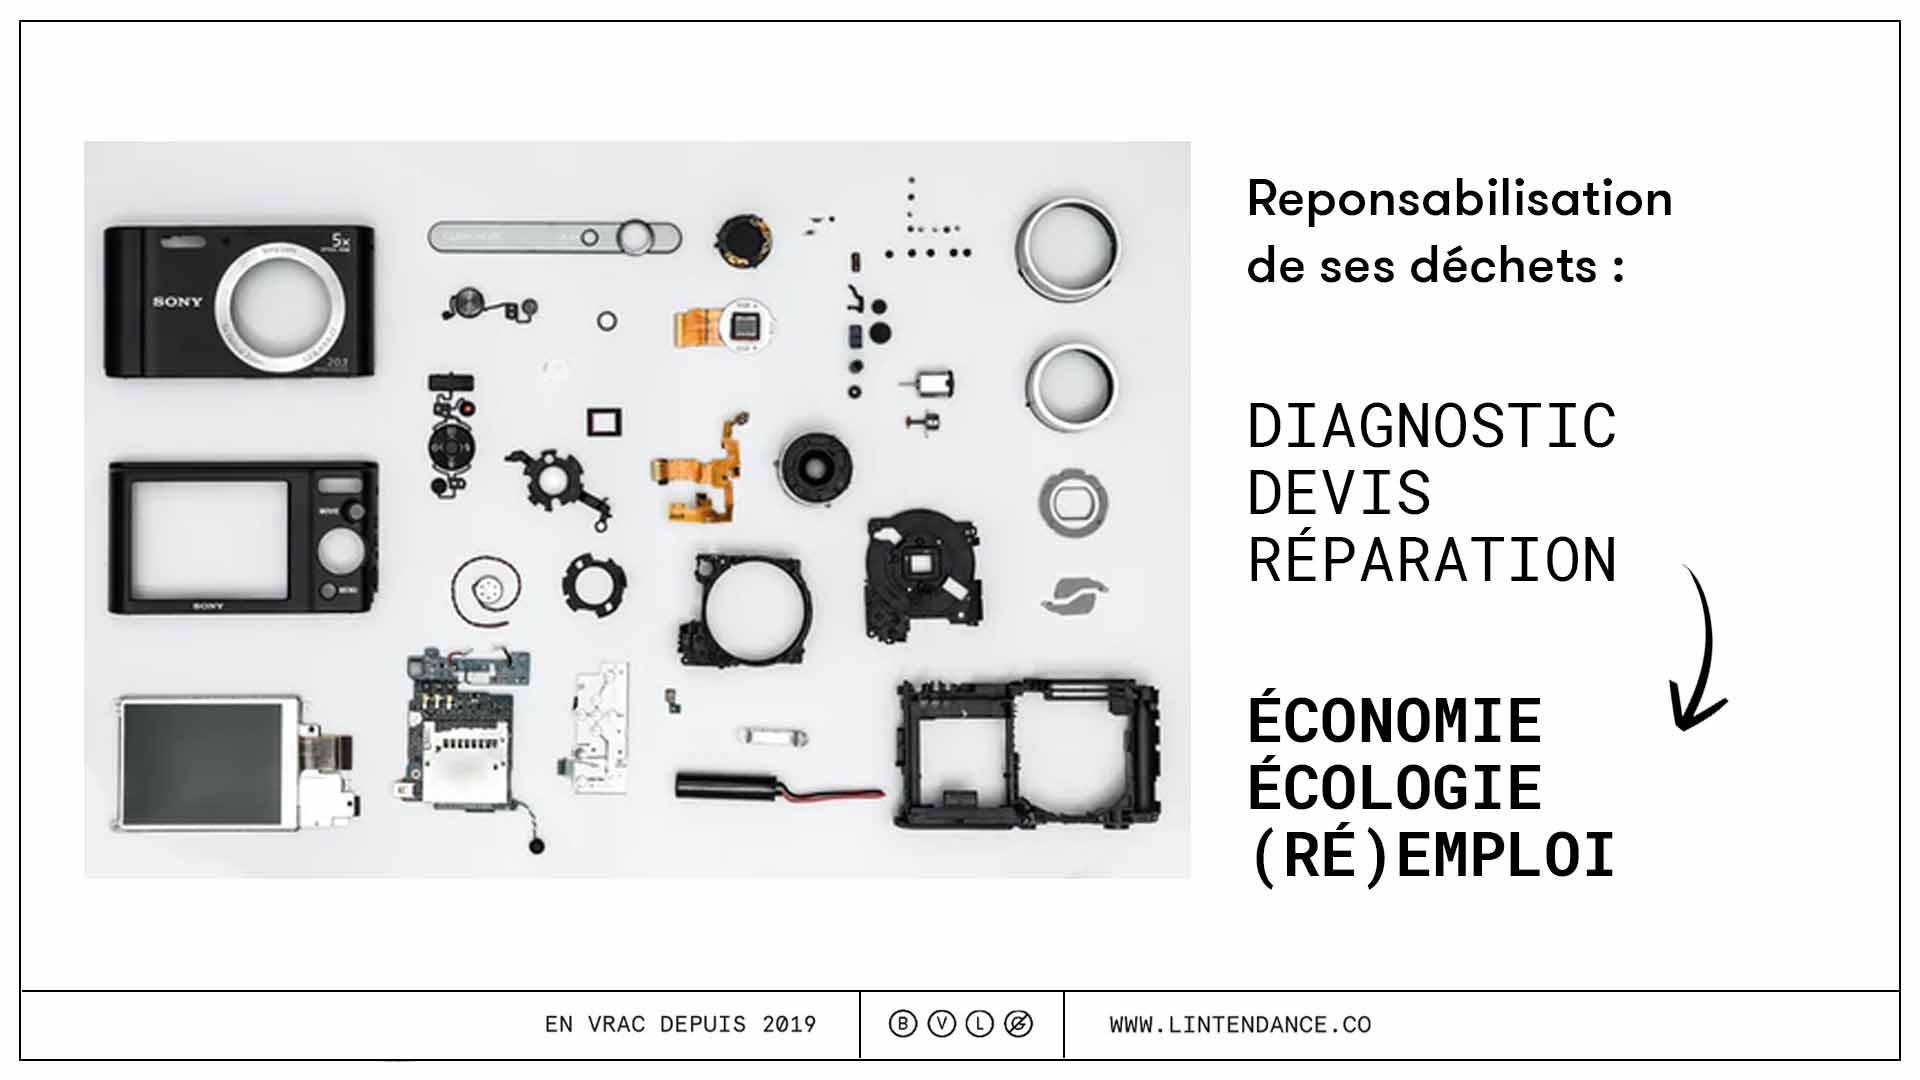 Zéro déchet reemploi réparer réutiliser déchets économie circulaire